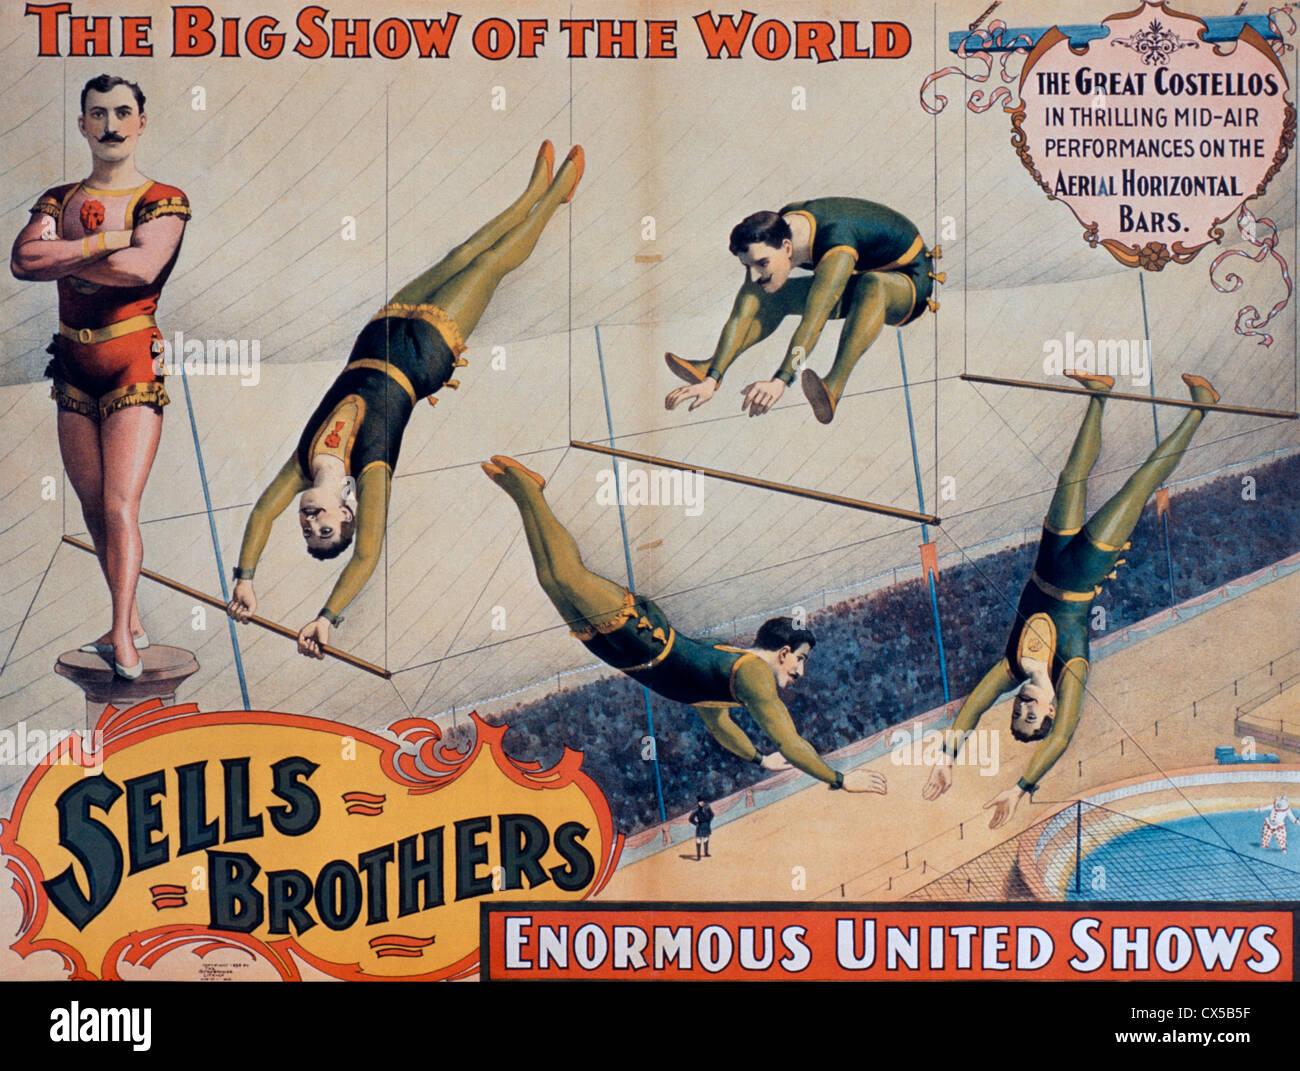 Vende fratelli enorme Regno mostra poster, il grande Costellos in emozionanti spettacoli Mid-Air sull'antenna Immagini Stock